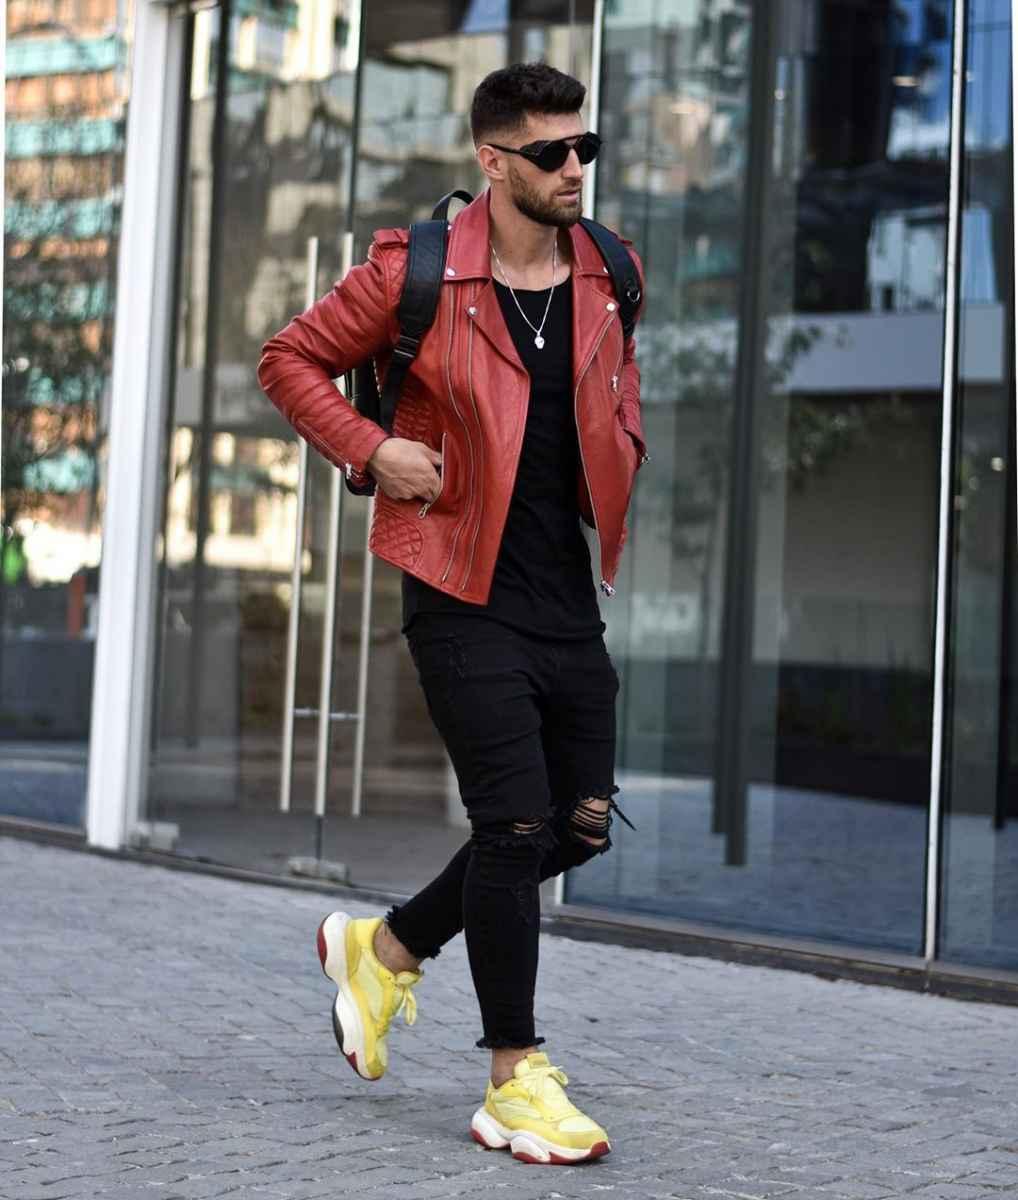 С чем носить кожаную куртку мужчине фото_28